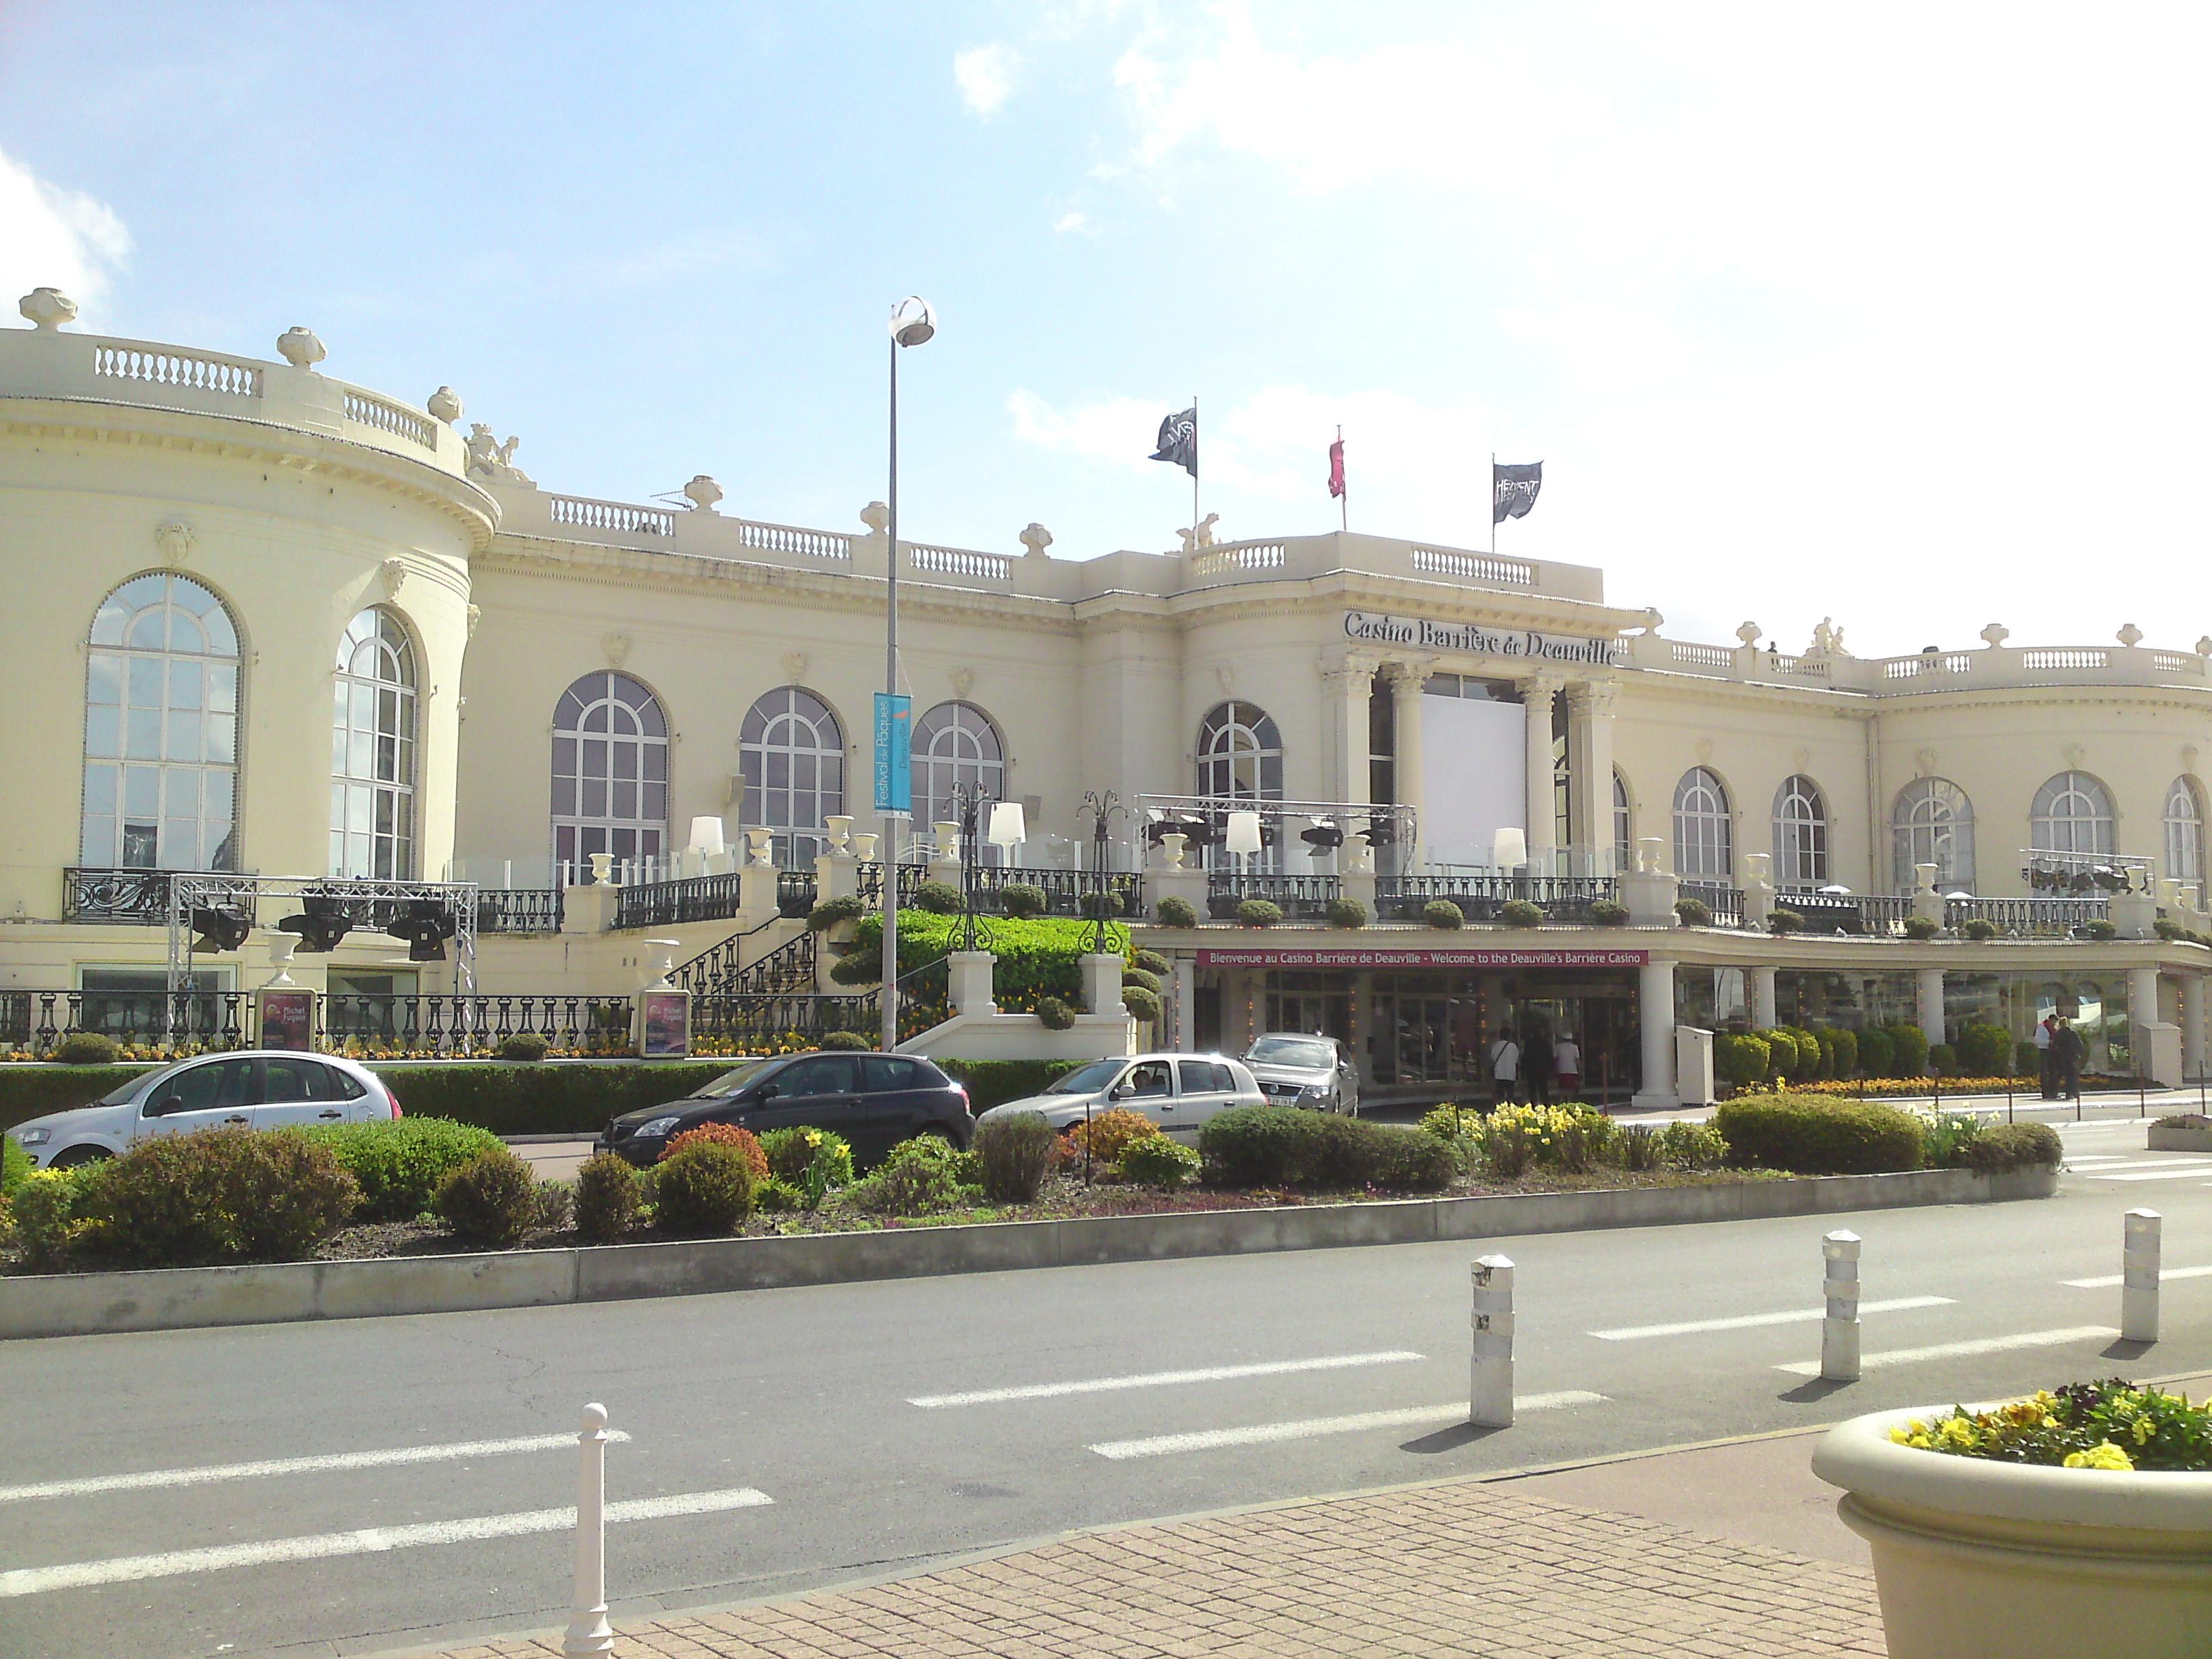 Www.Casino De Deauville